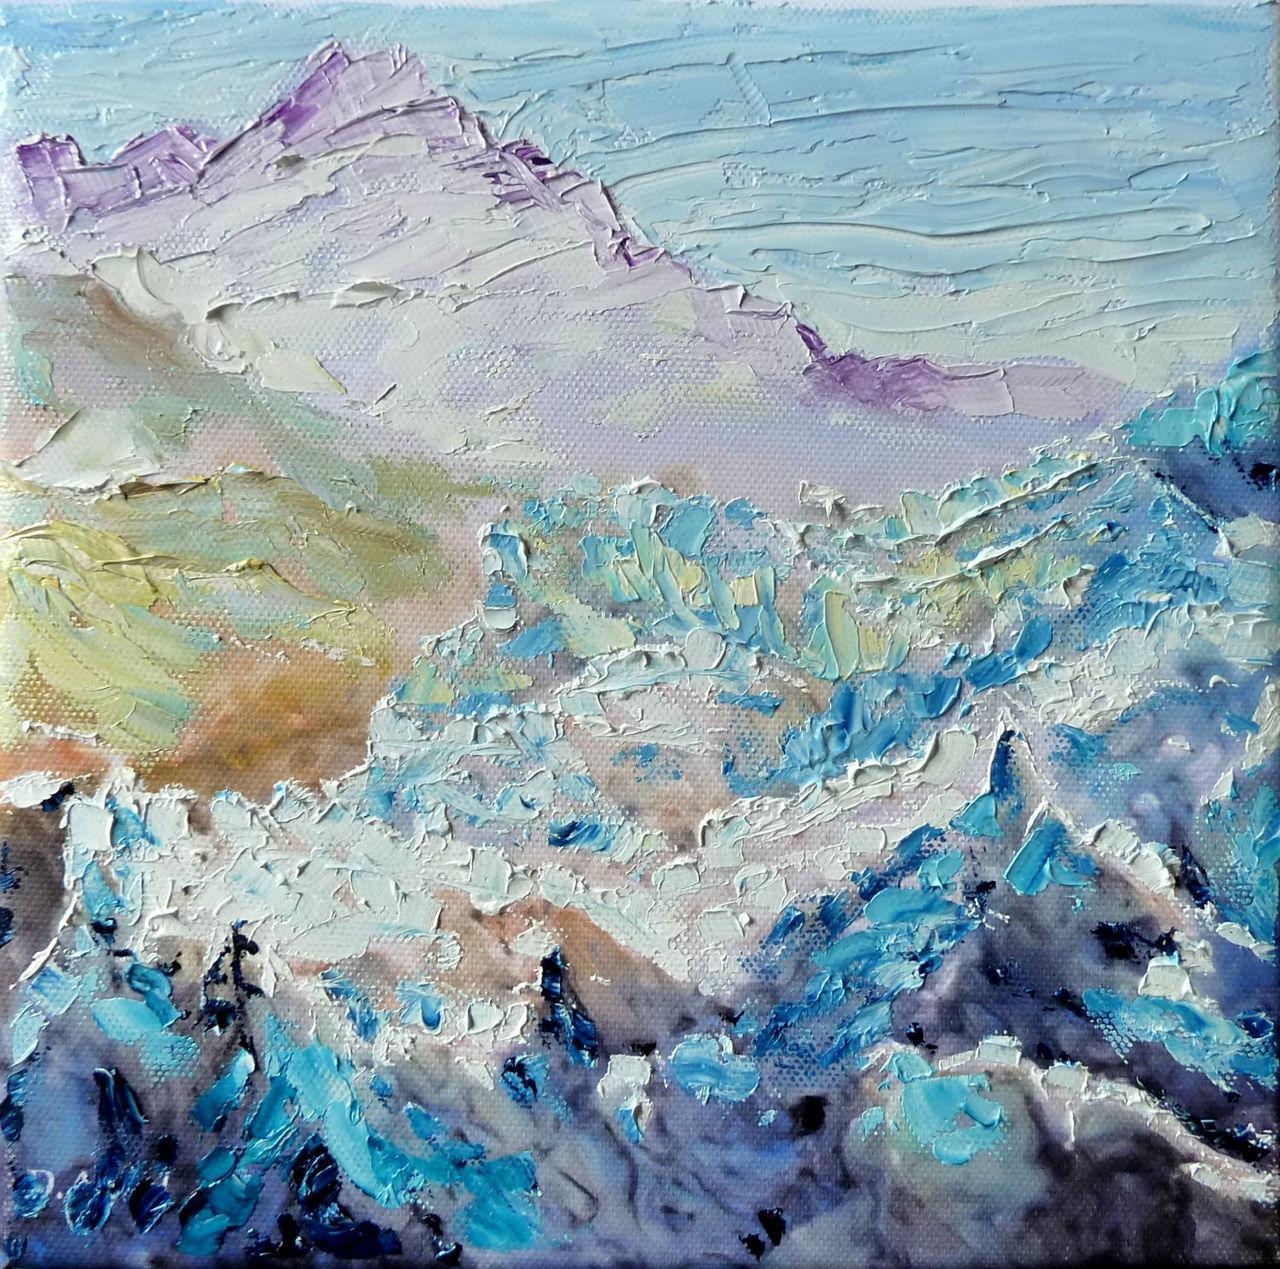 Danielle Arnal glacier d'Argentière à l'huile sur toile 20x20cm au couteau